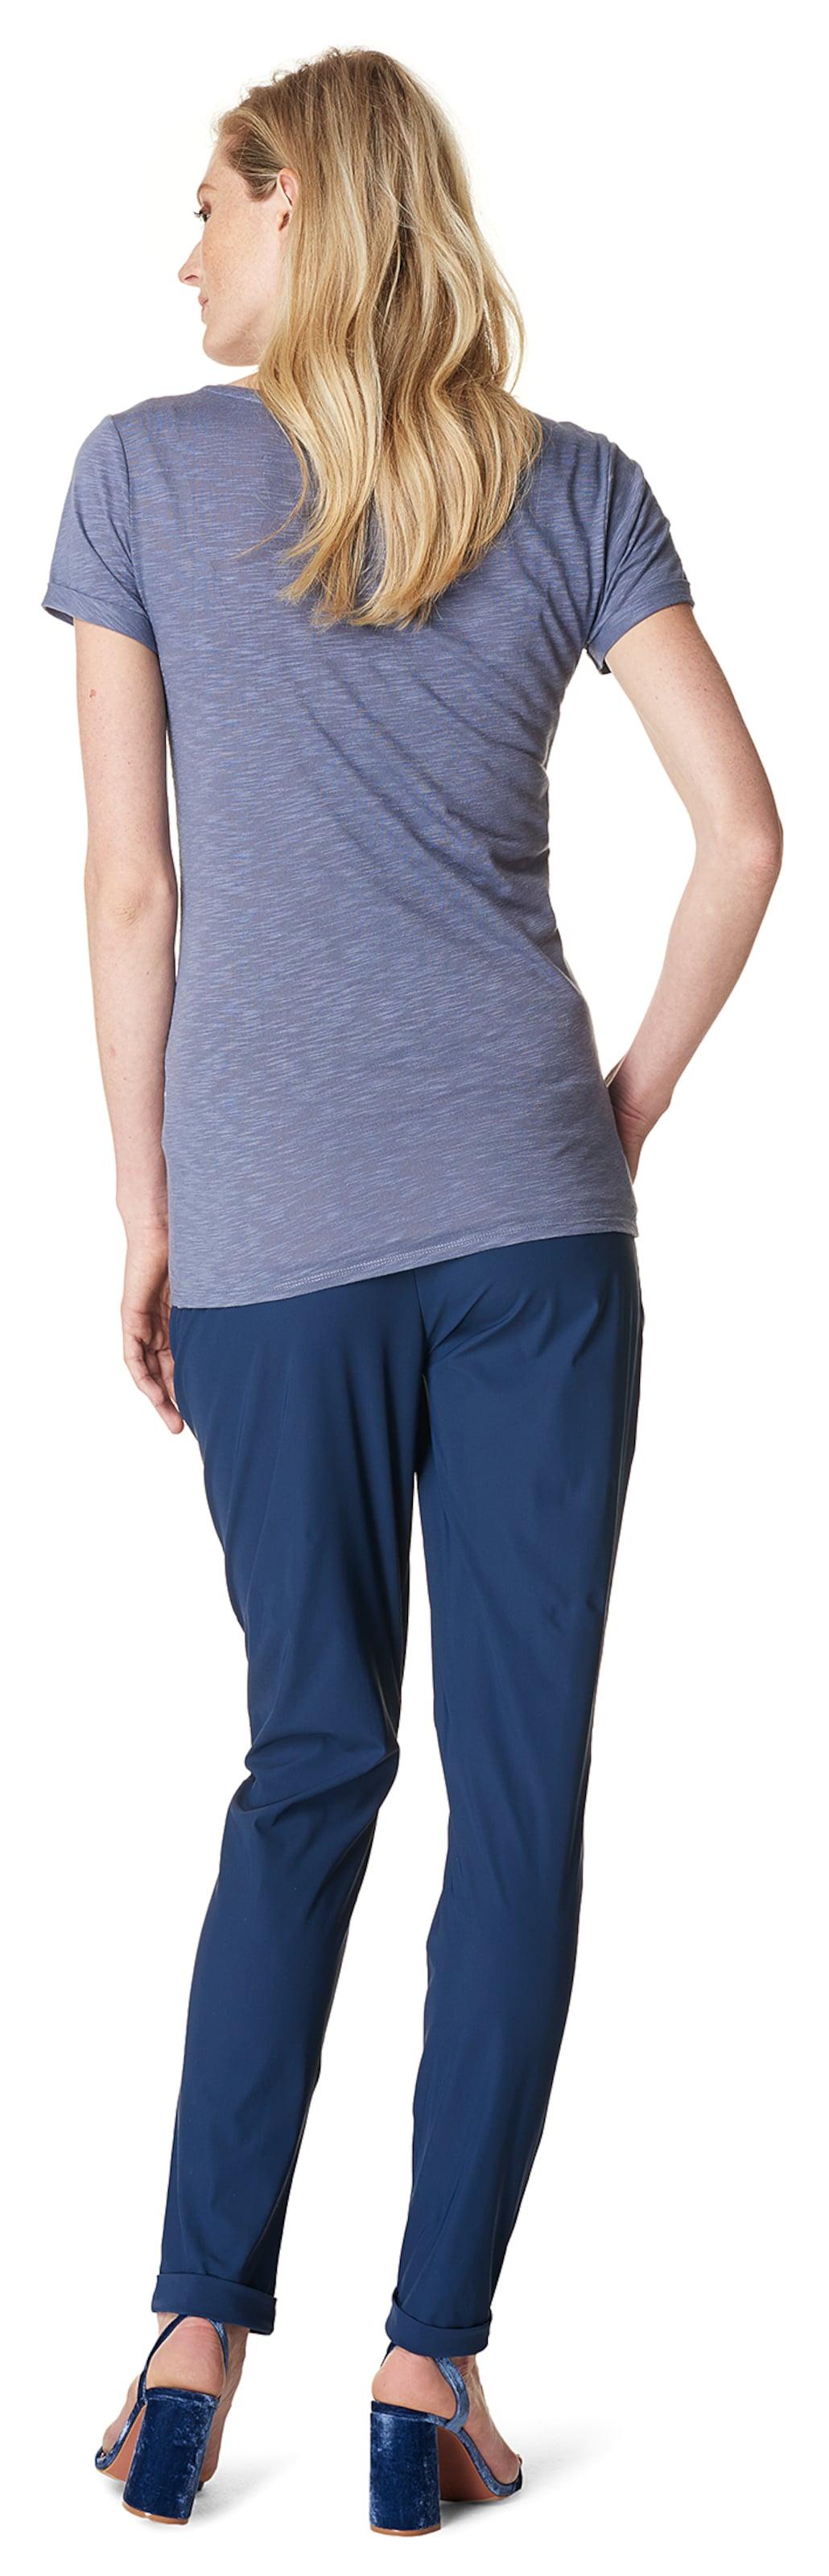 Outlet Besten Preise Noppies T-shirt ' Aukje ' Finish Zum Verkauf Günstig Kaufen Outlet-Store Billig Verkauf Geschäft LqCAutRh